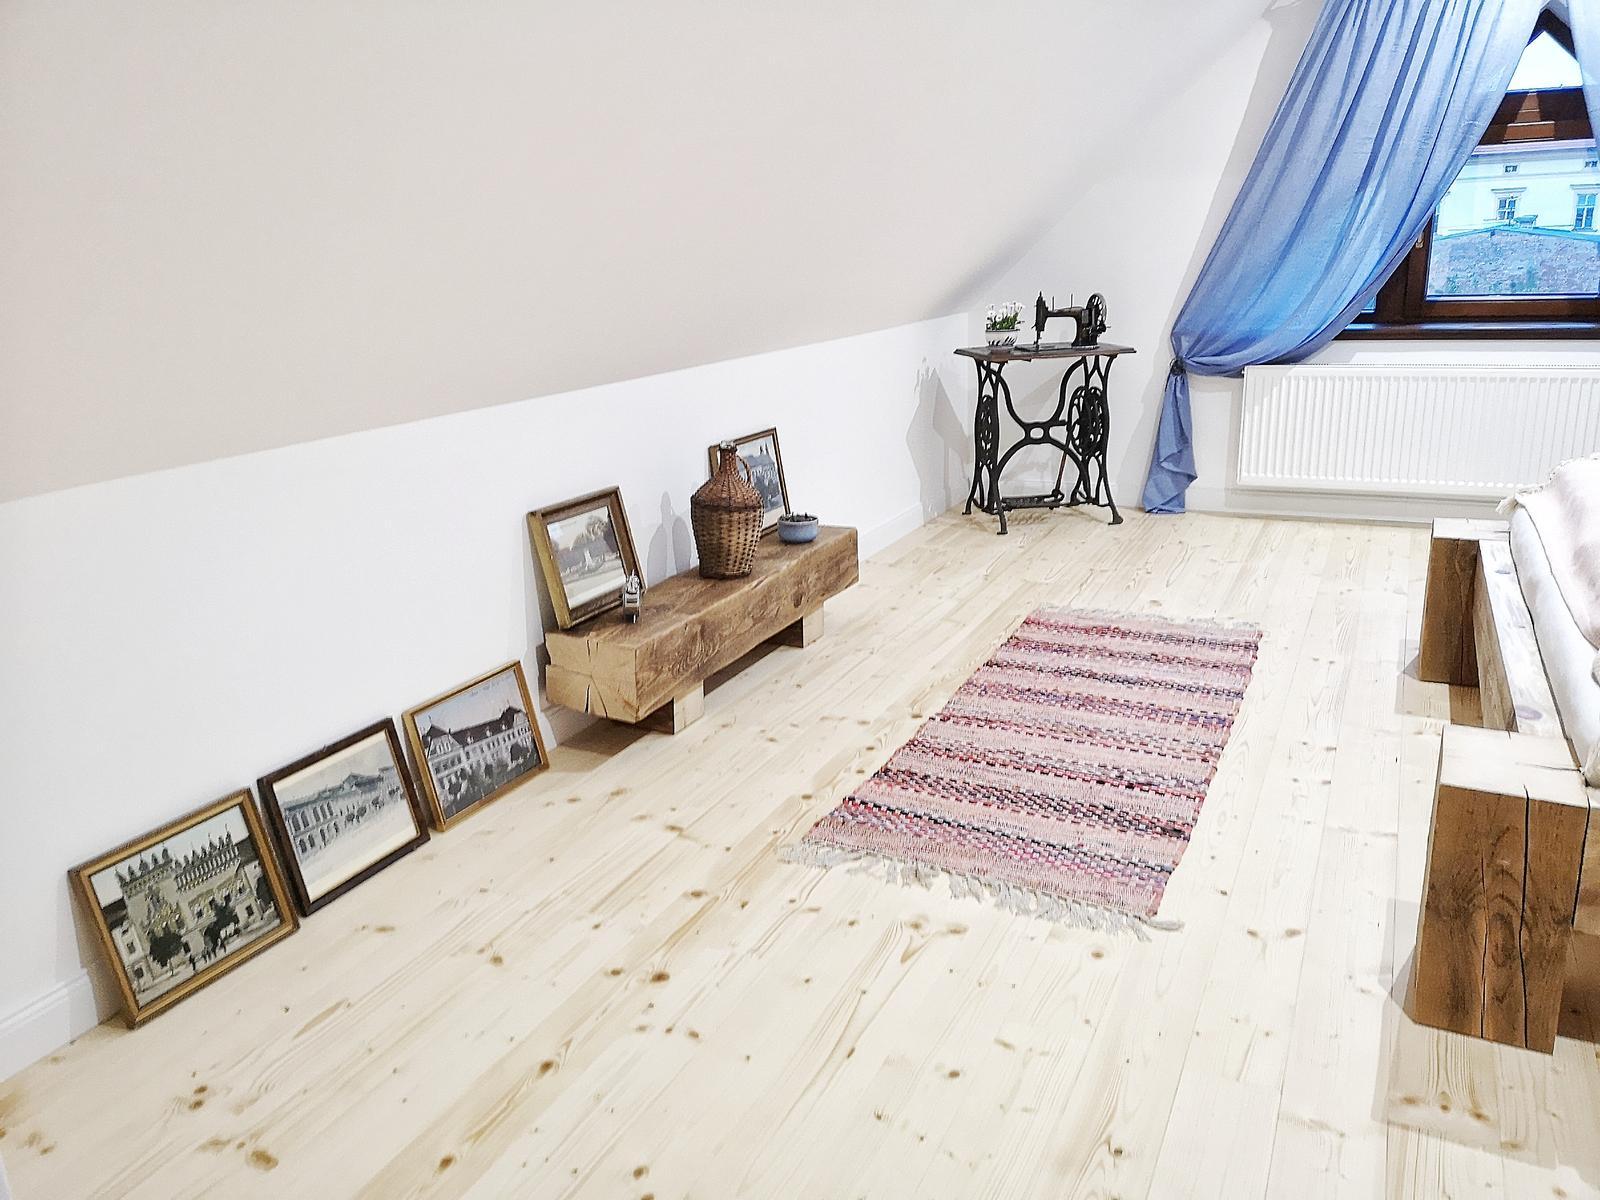 Rekonstrukcia  domu z 18- teho storocia - Obrázok č. 404